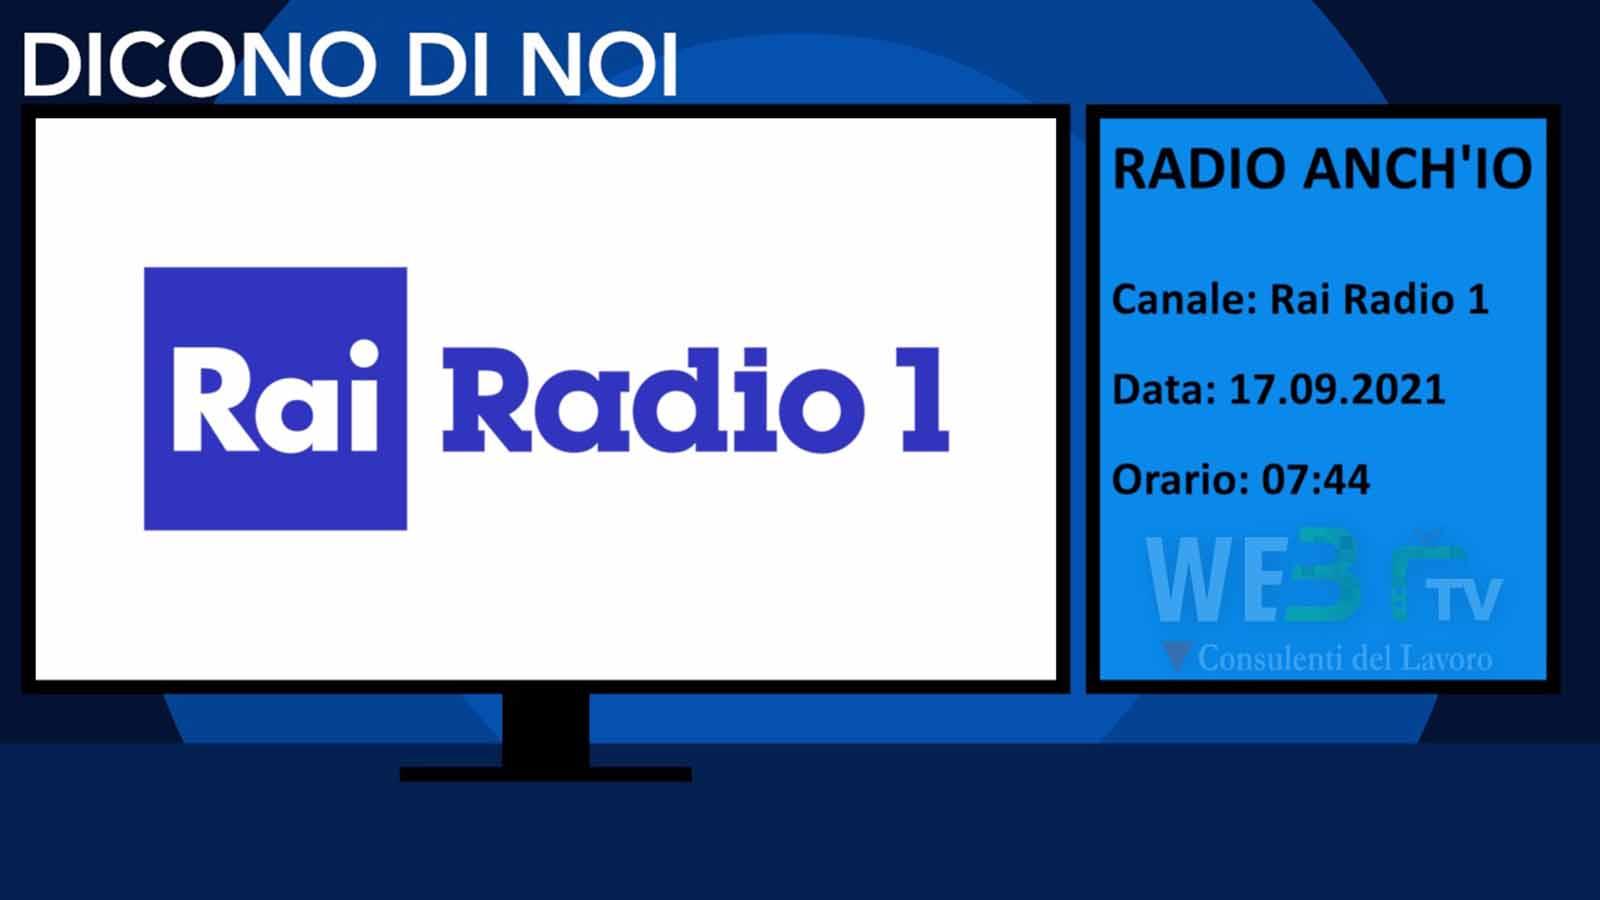 Radio Anch'io del 17.09.2021